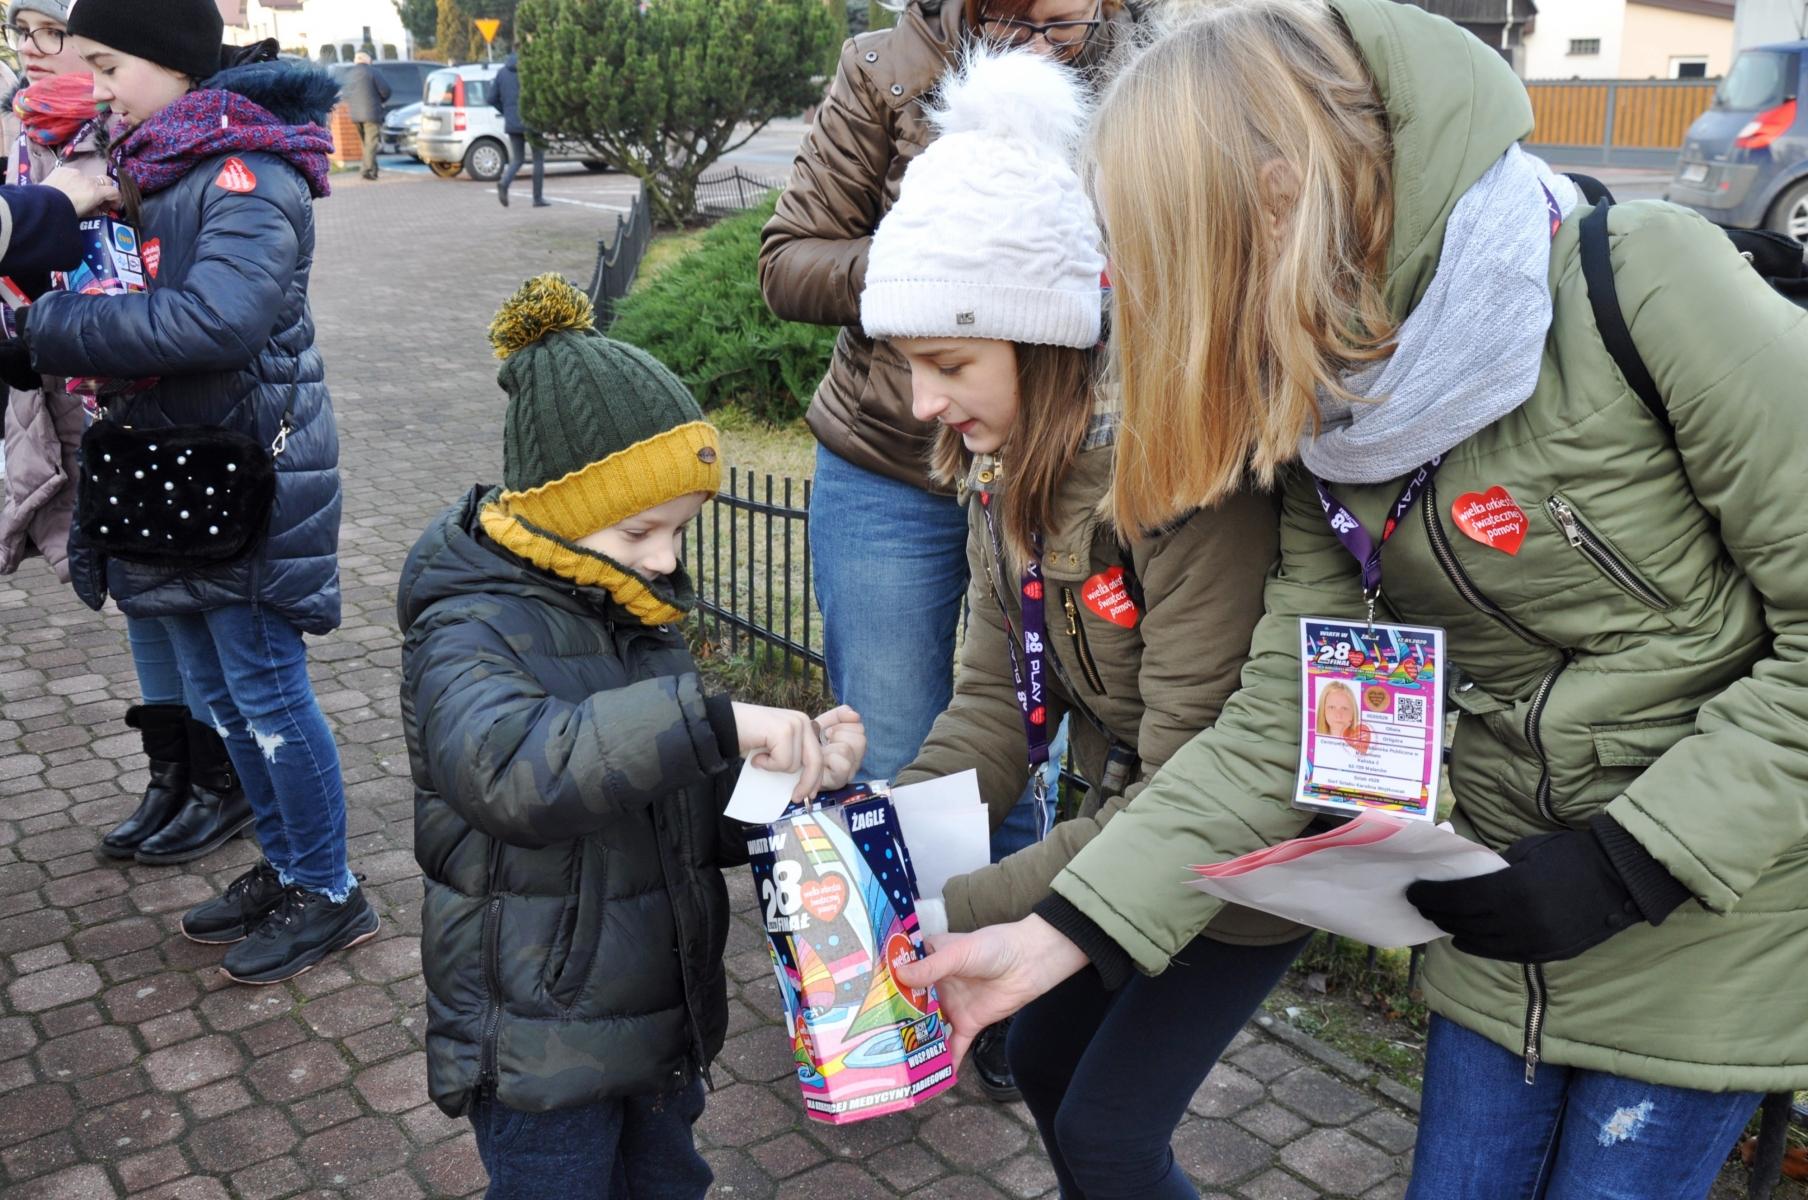 Finał WOŚP w Malanowie. Zebrali aż 19 tys. złotych! - foto: UG Malanów